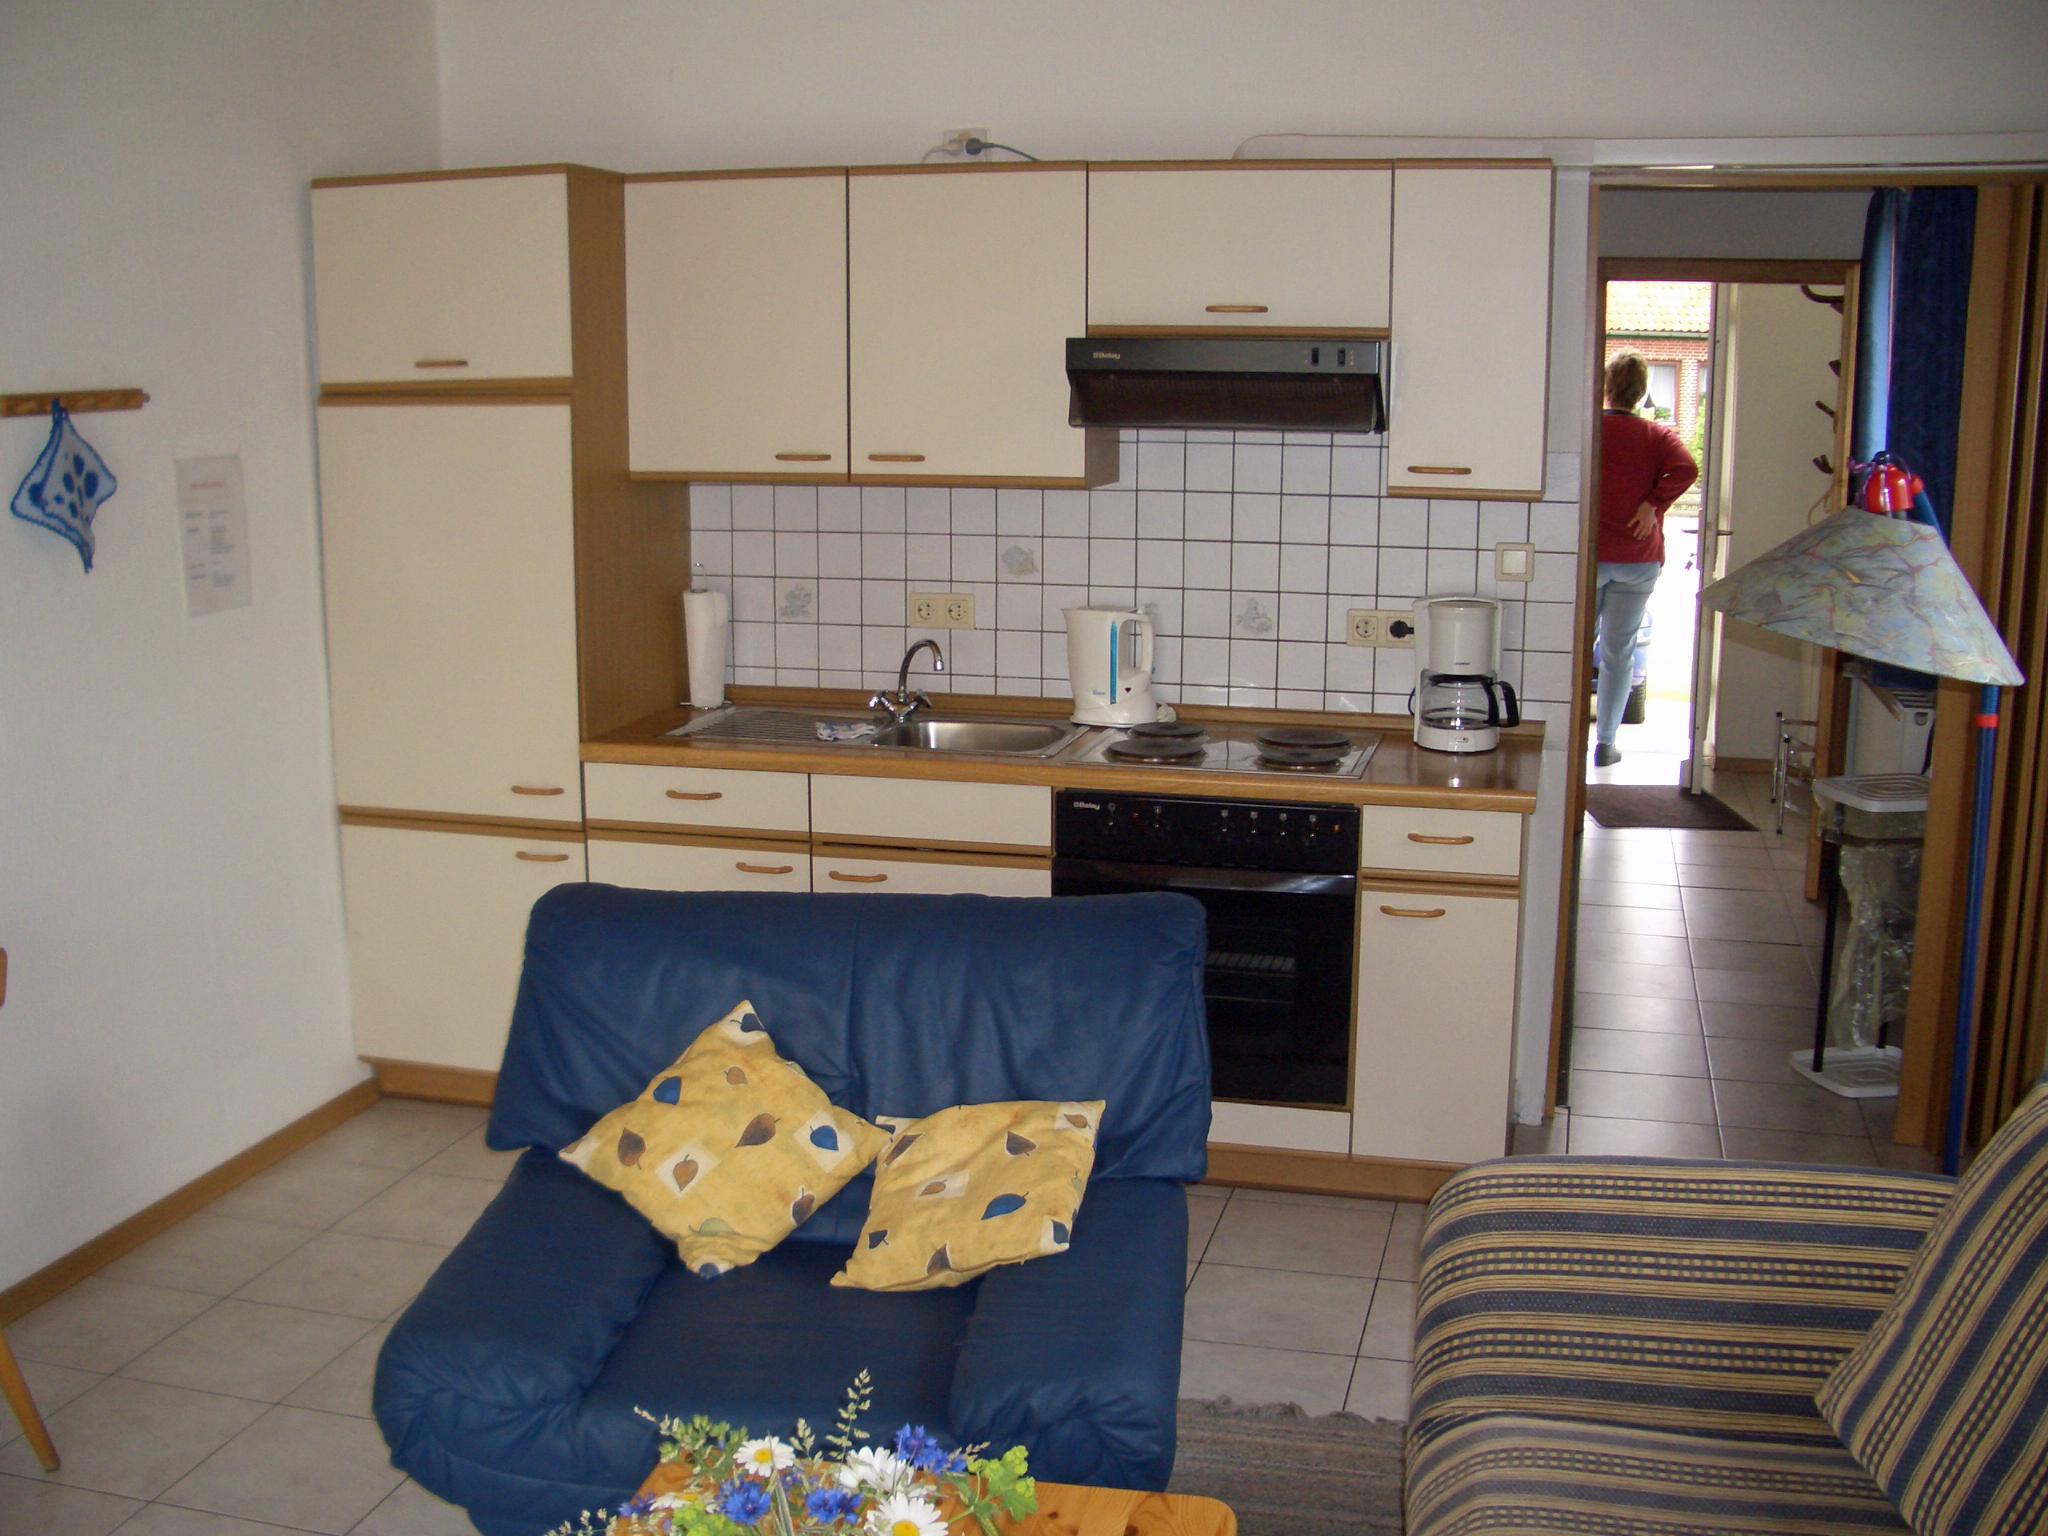 Beispiel für eine Küche auf dem Cohrshof